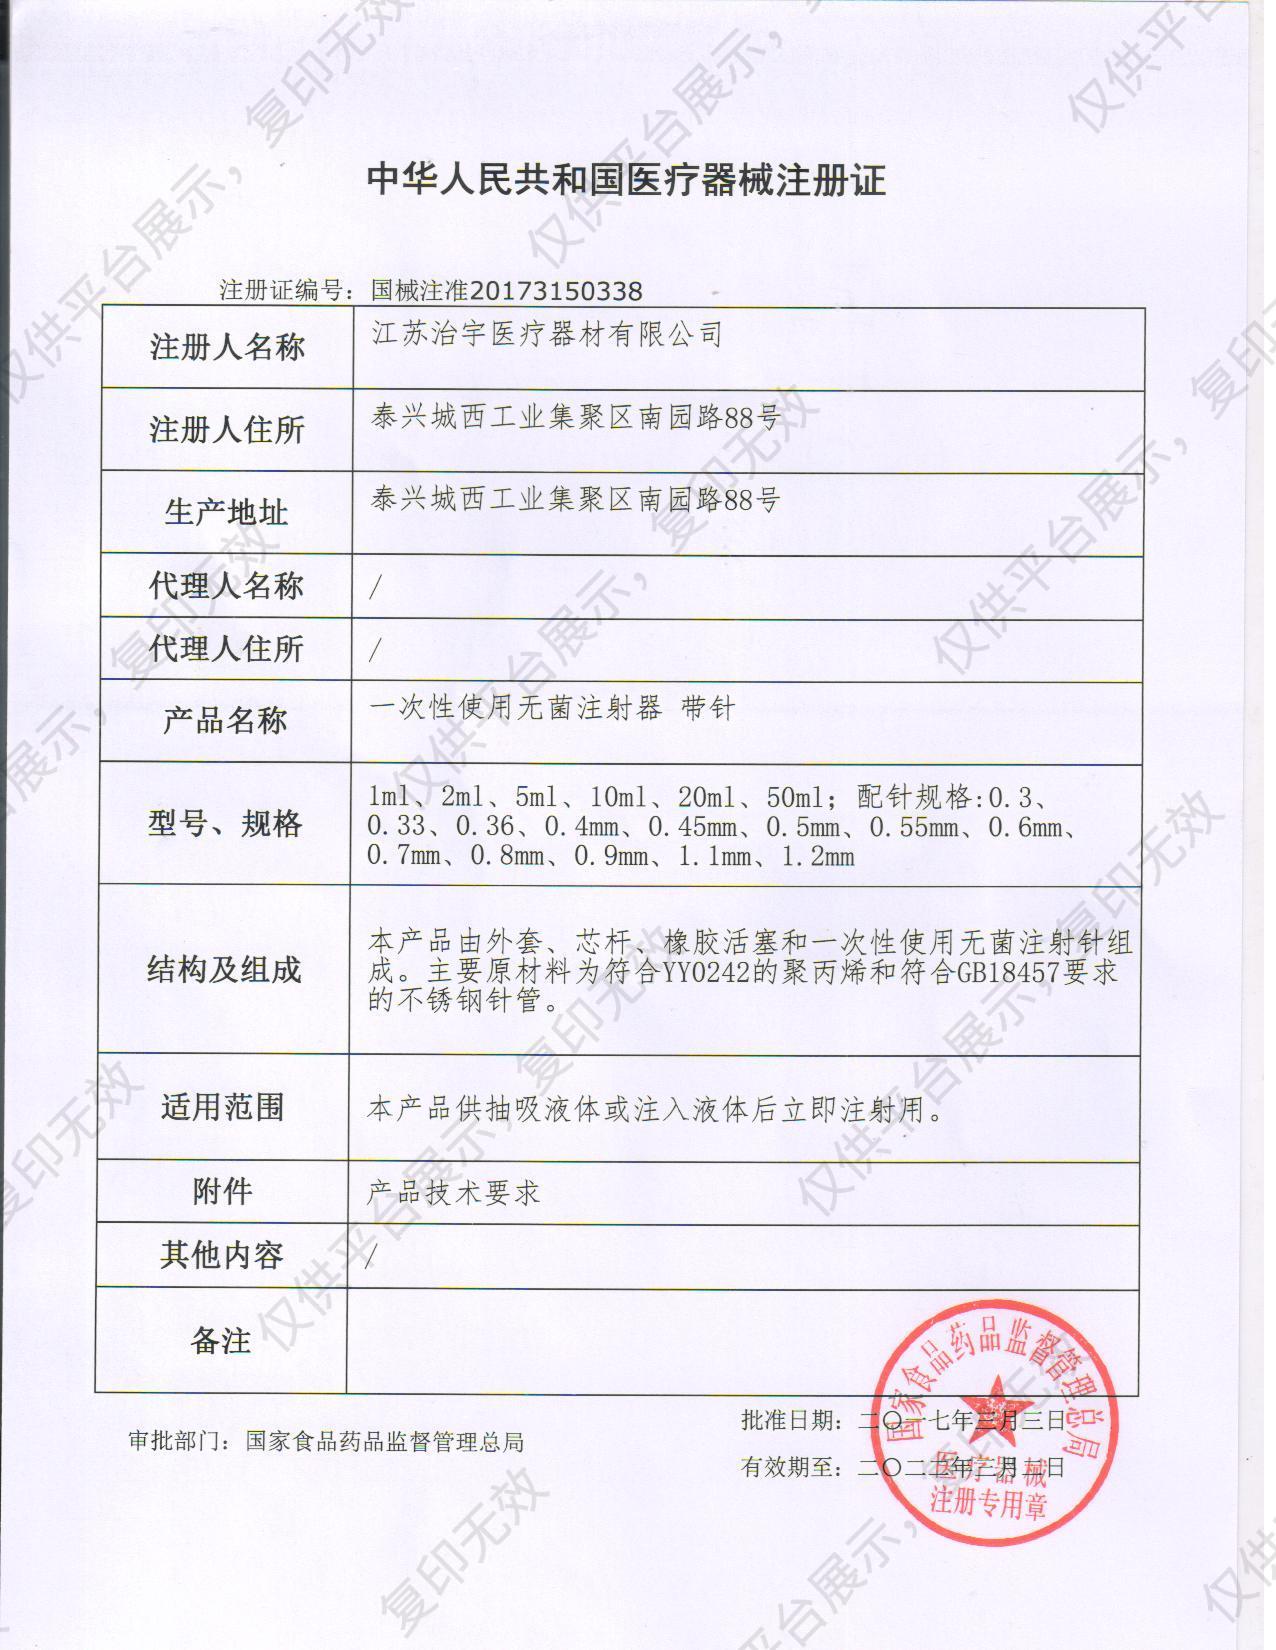 治宇 一次性使用无菌注射器 1ml 0.45mm (200支/盒 12盒/件)注册证